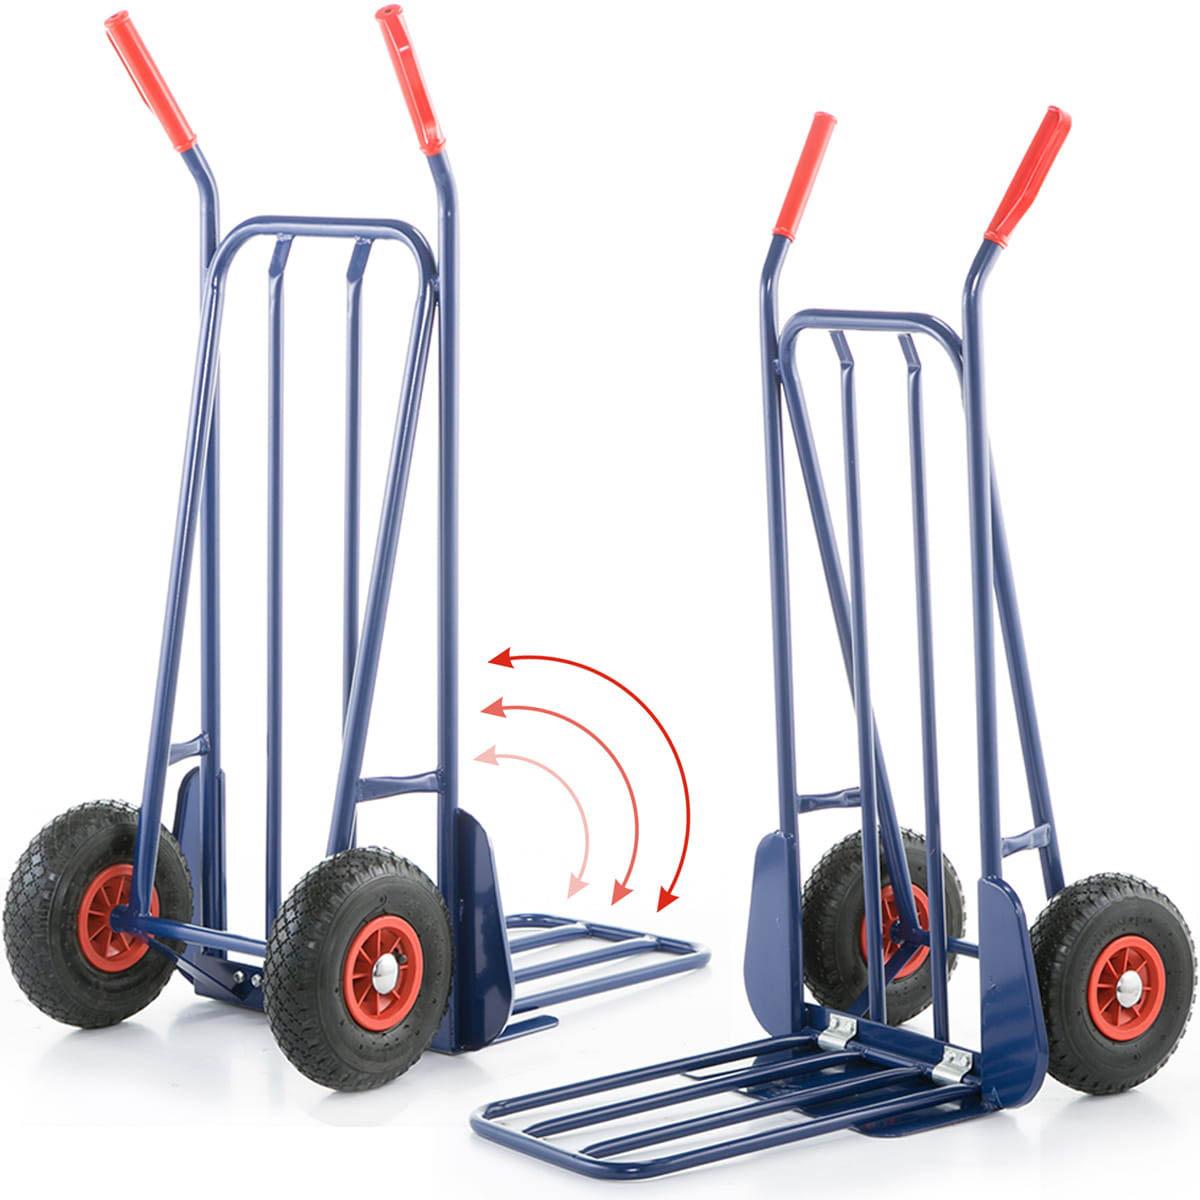 Rudla - prepravný vozík 280kg   skladacia